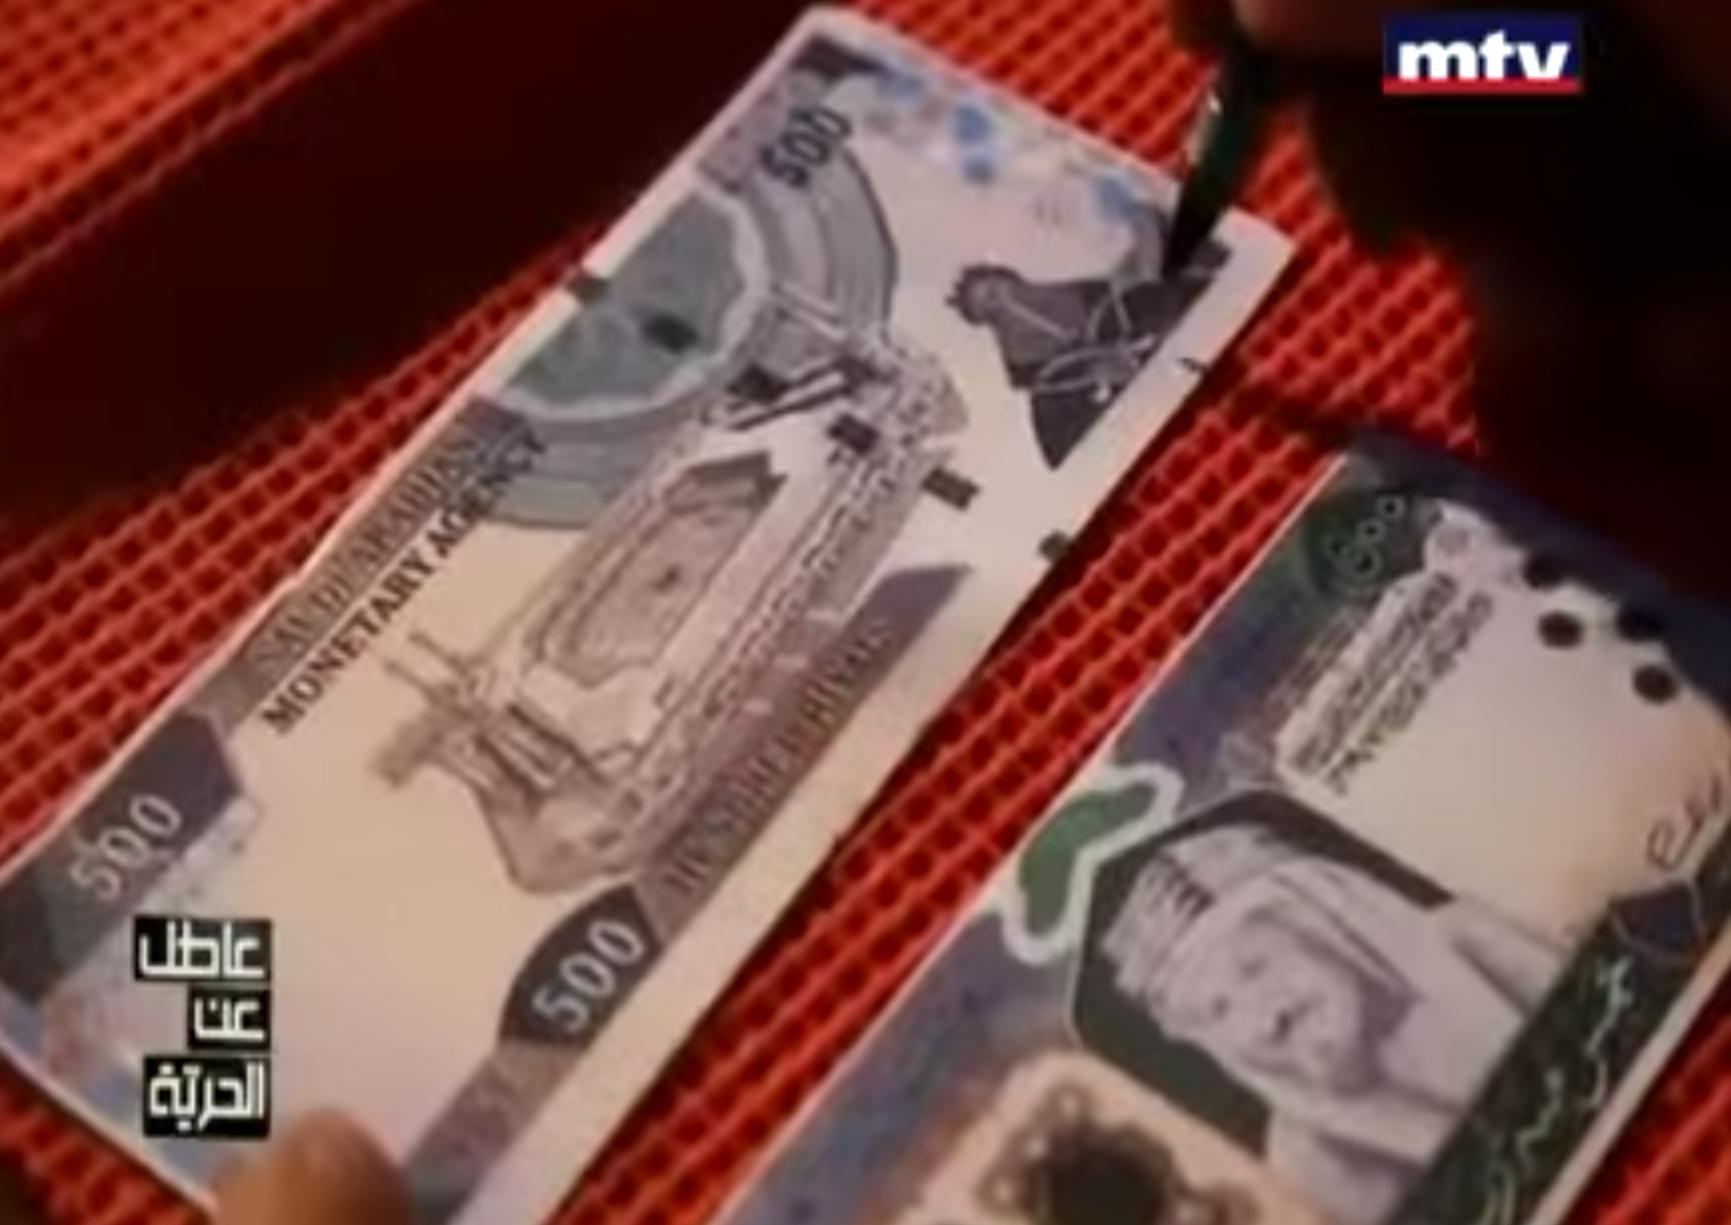 فيديو ملك التزوير ..بالشرق الأوسط العملة السعودية أصعب عملة في العالم زورتها